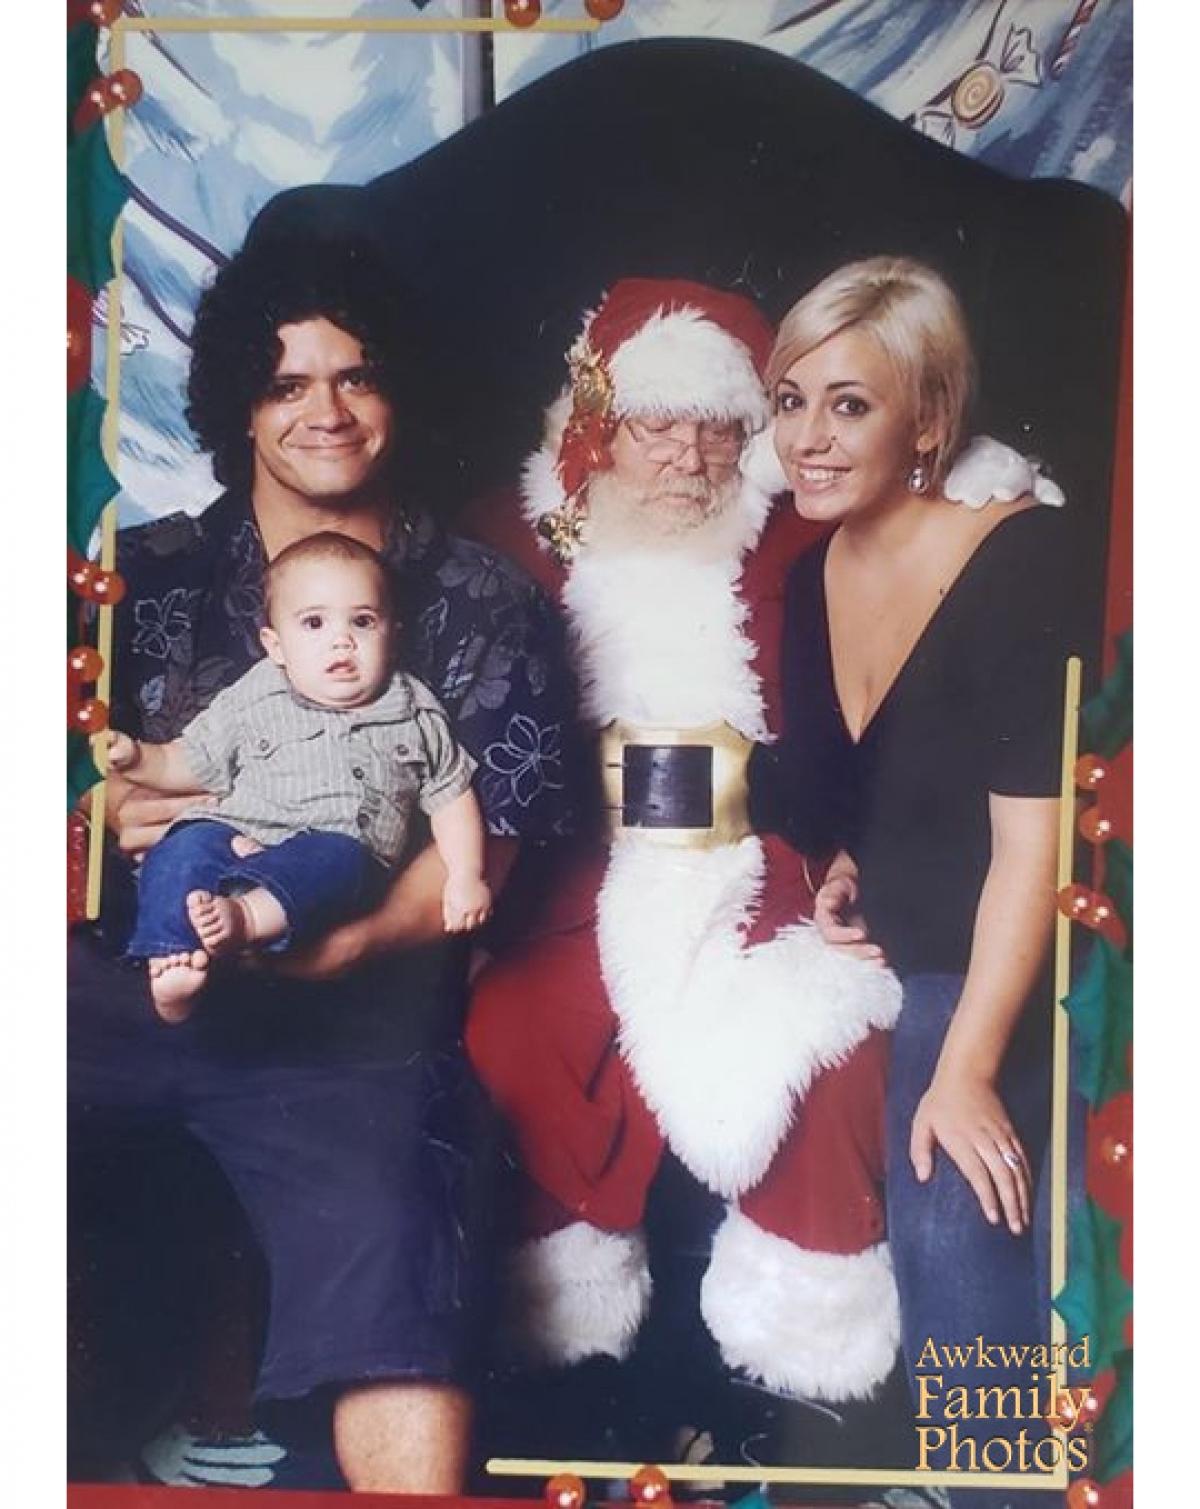 Ông già Noel đang nhòm vào đâu thế kia?